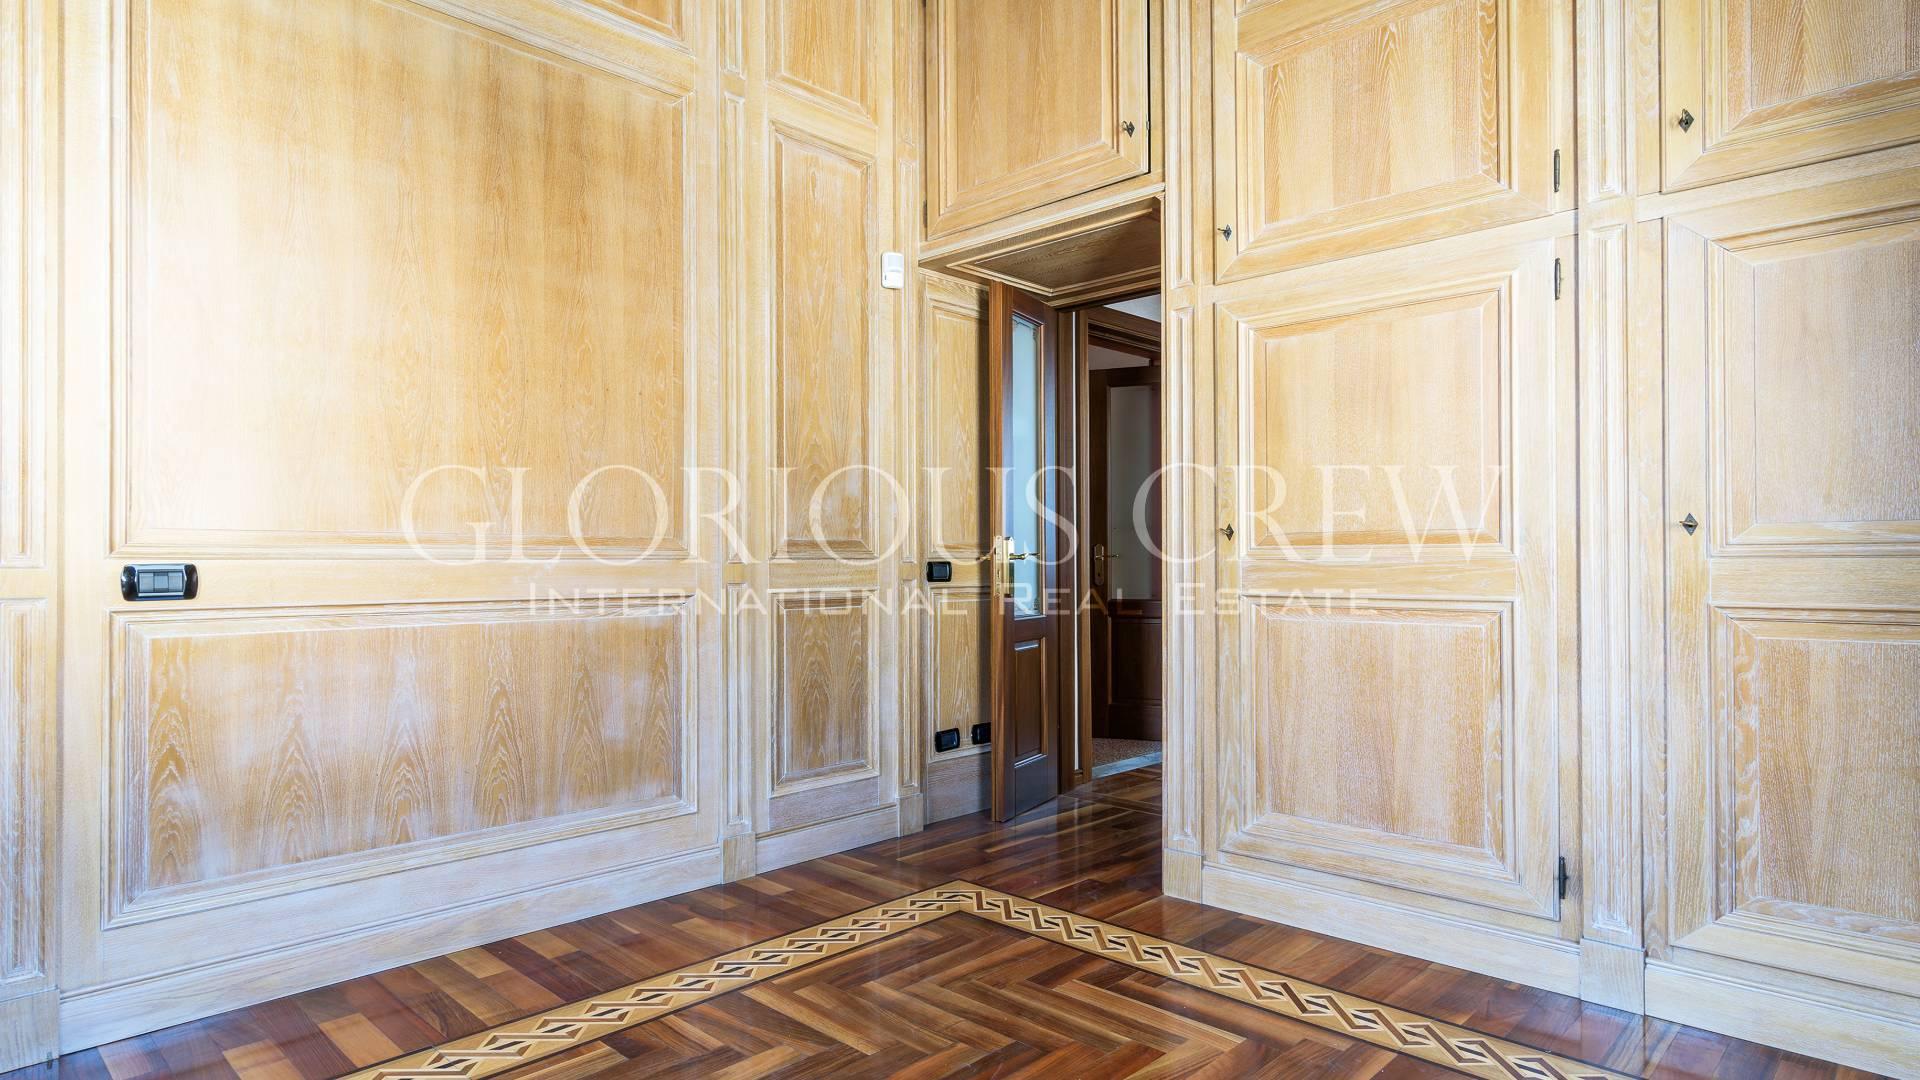 Villa in Vendita a Monza: 5 locali, 1300 mq - Foto 7